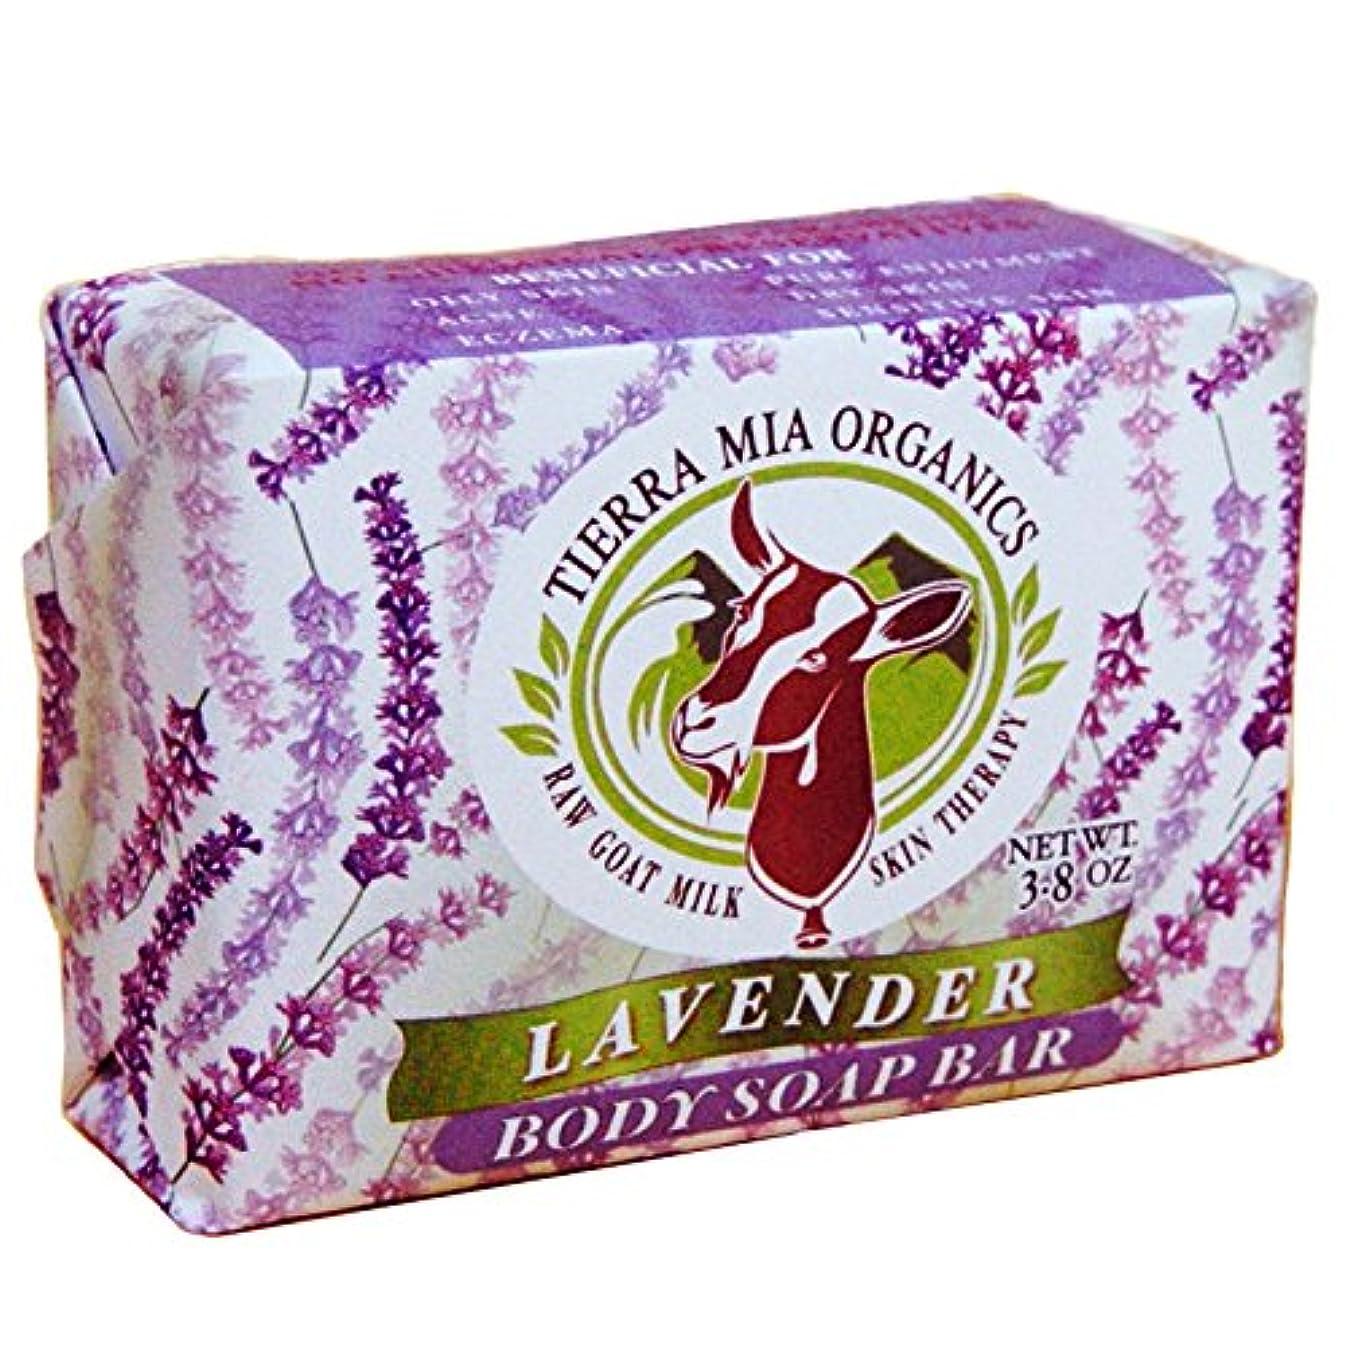 意気込み受賞結果としてTierra Mia Organics, Raw Goat Milk Skin Therapy, Body Soap Bar, Lavender, 4.2 oz